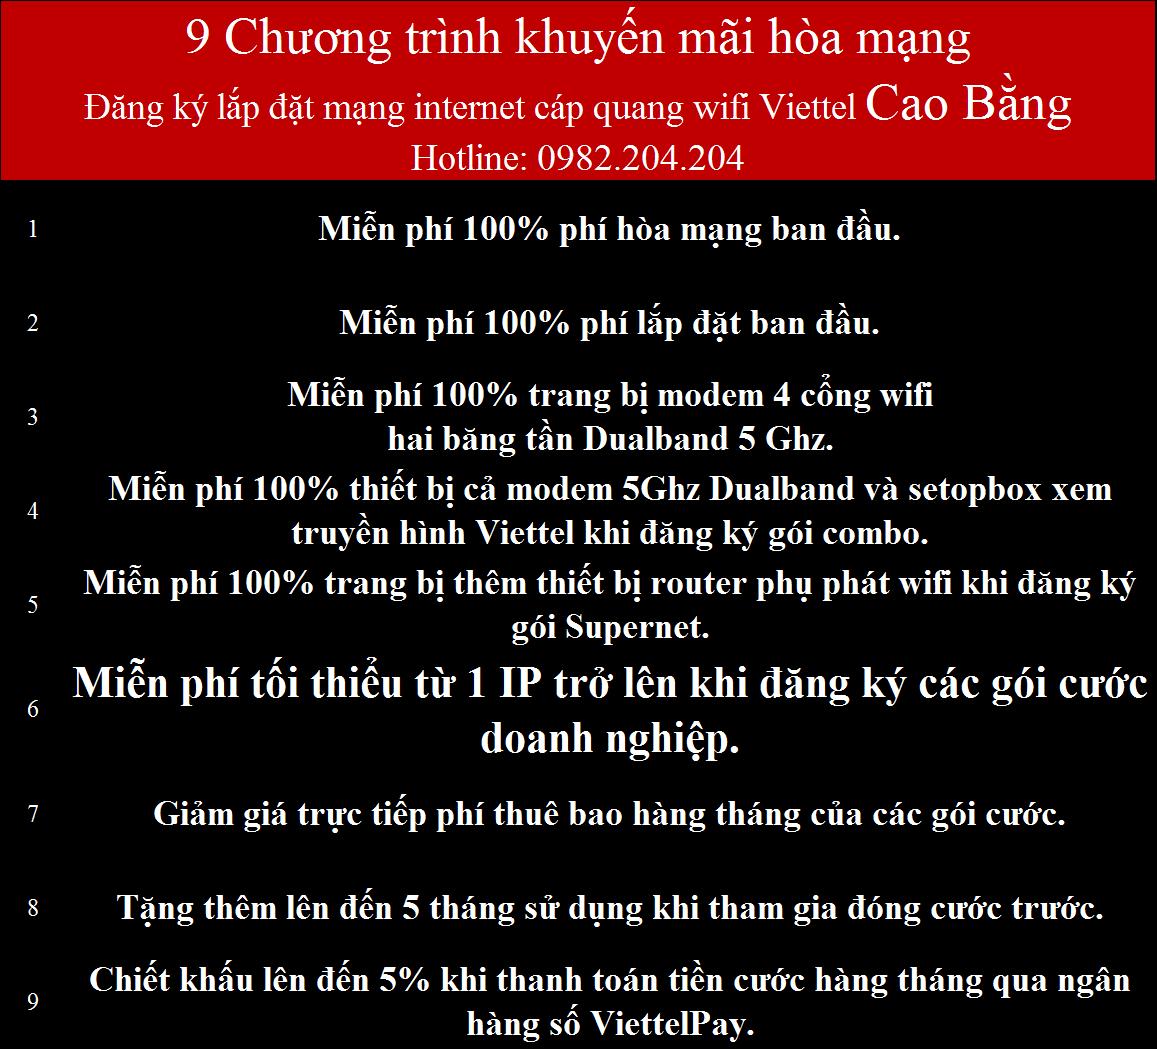 Lắp mạng internet cáp quang wifi Viettel Cao Bằng